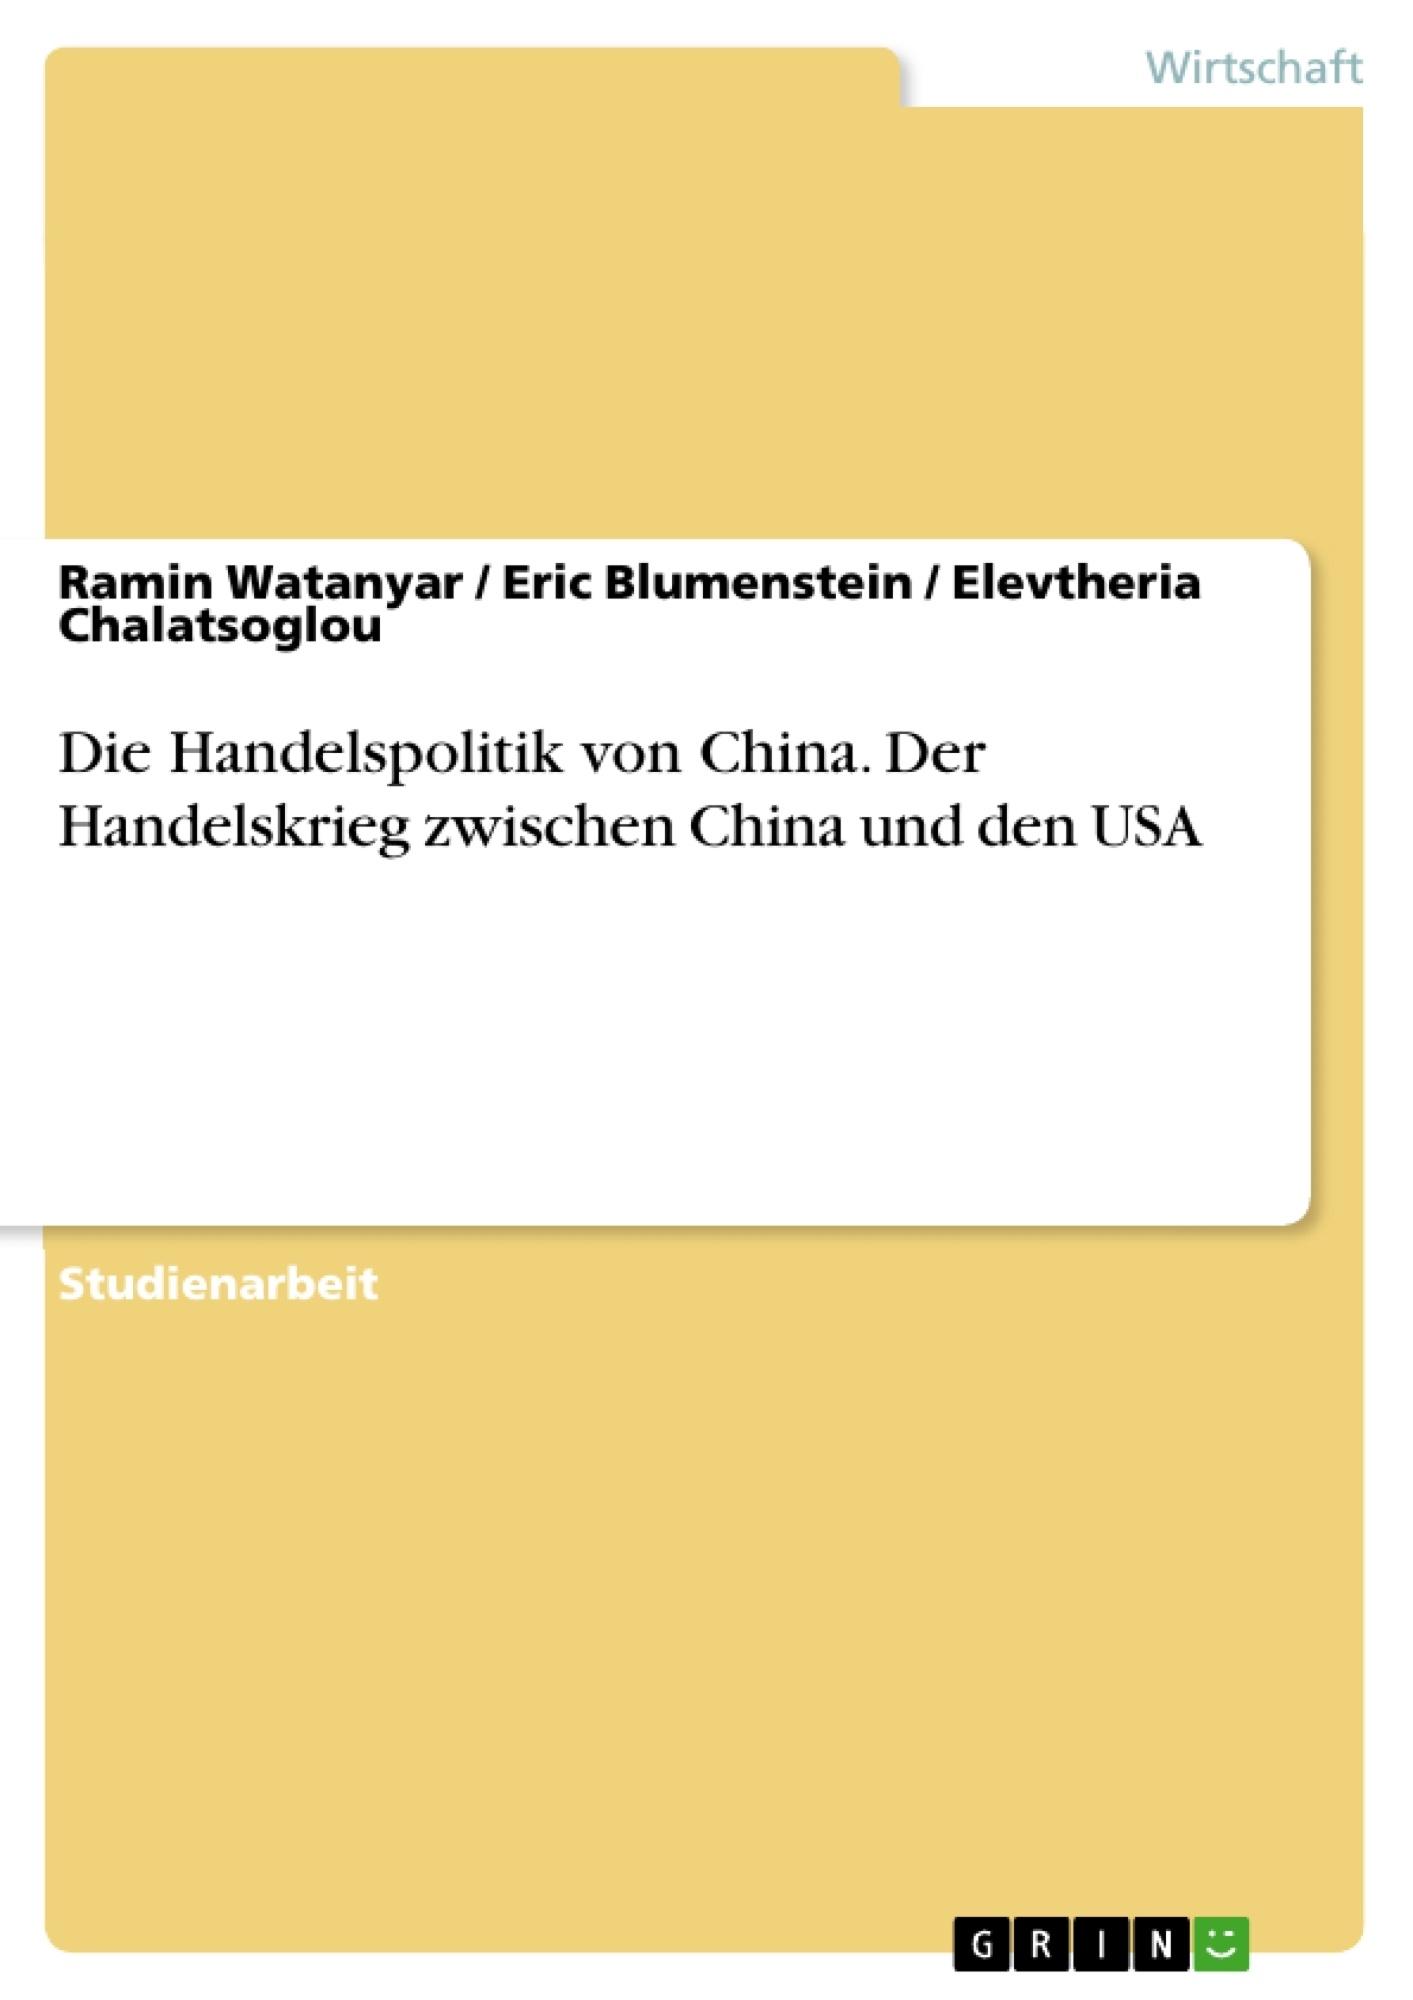 Titel: Die Handelspolitik von China. Der Handelskrieg zwischen China und den USA